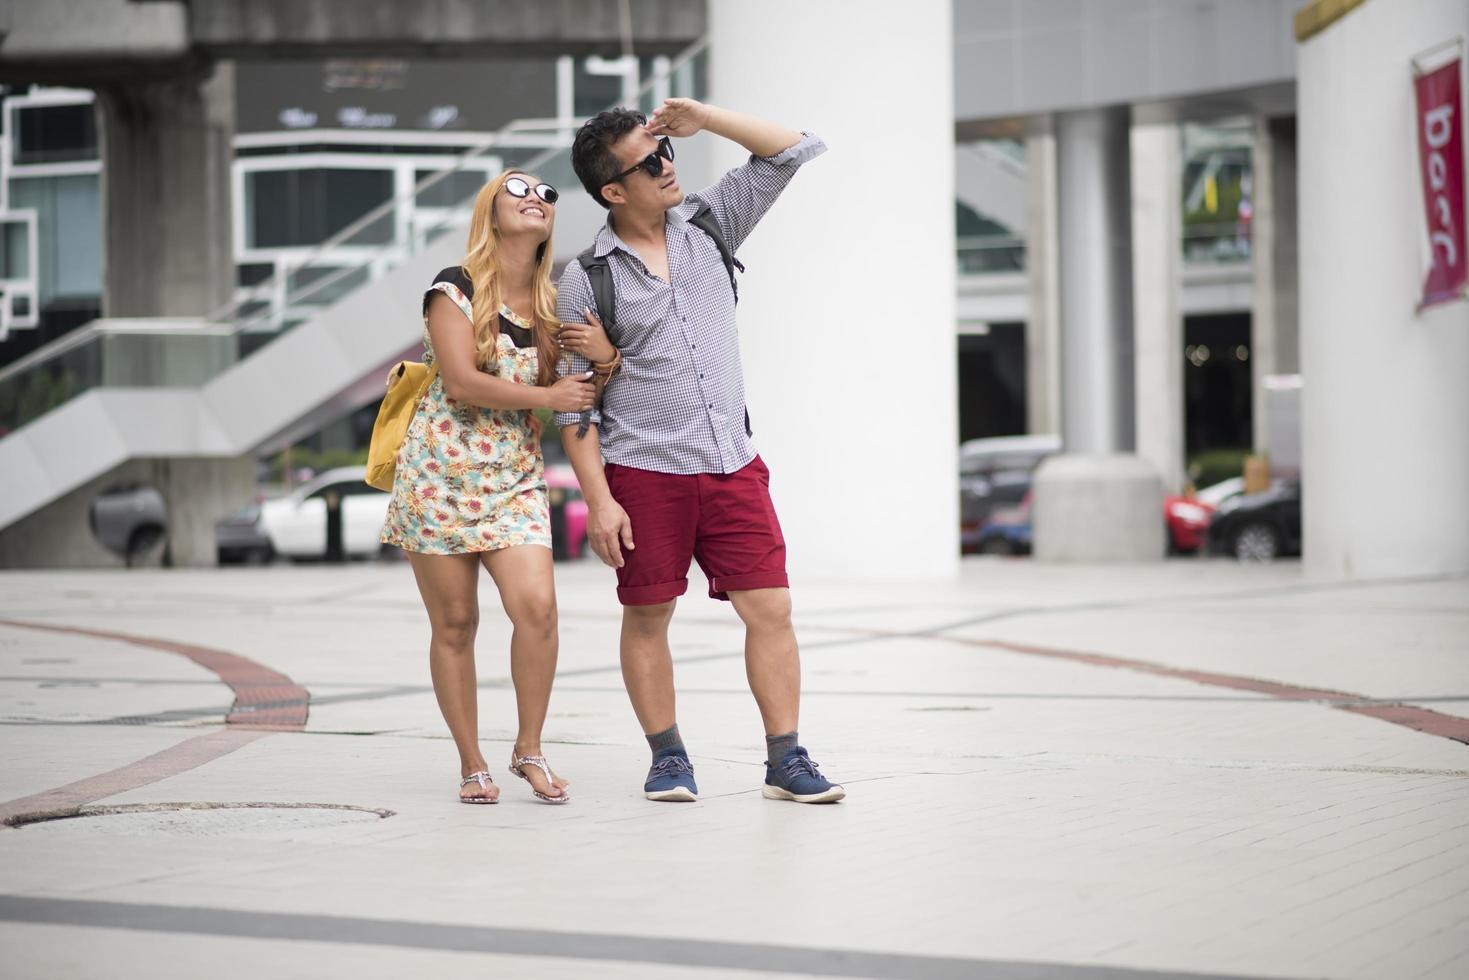 coppia felice innamorato che cammina insieme in città foto